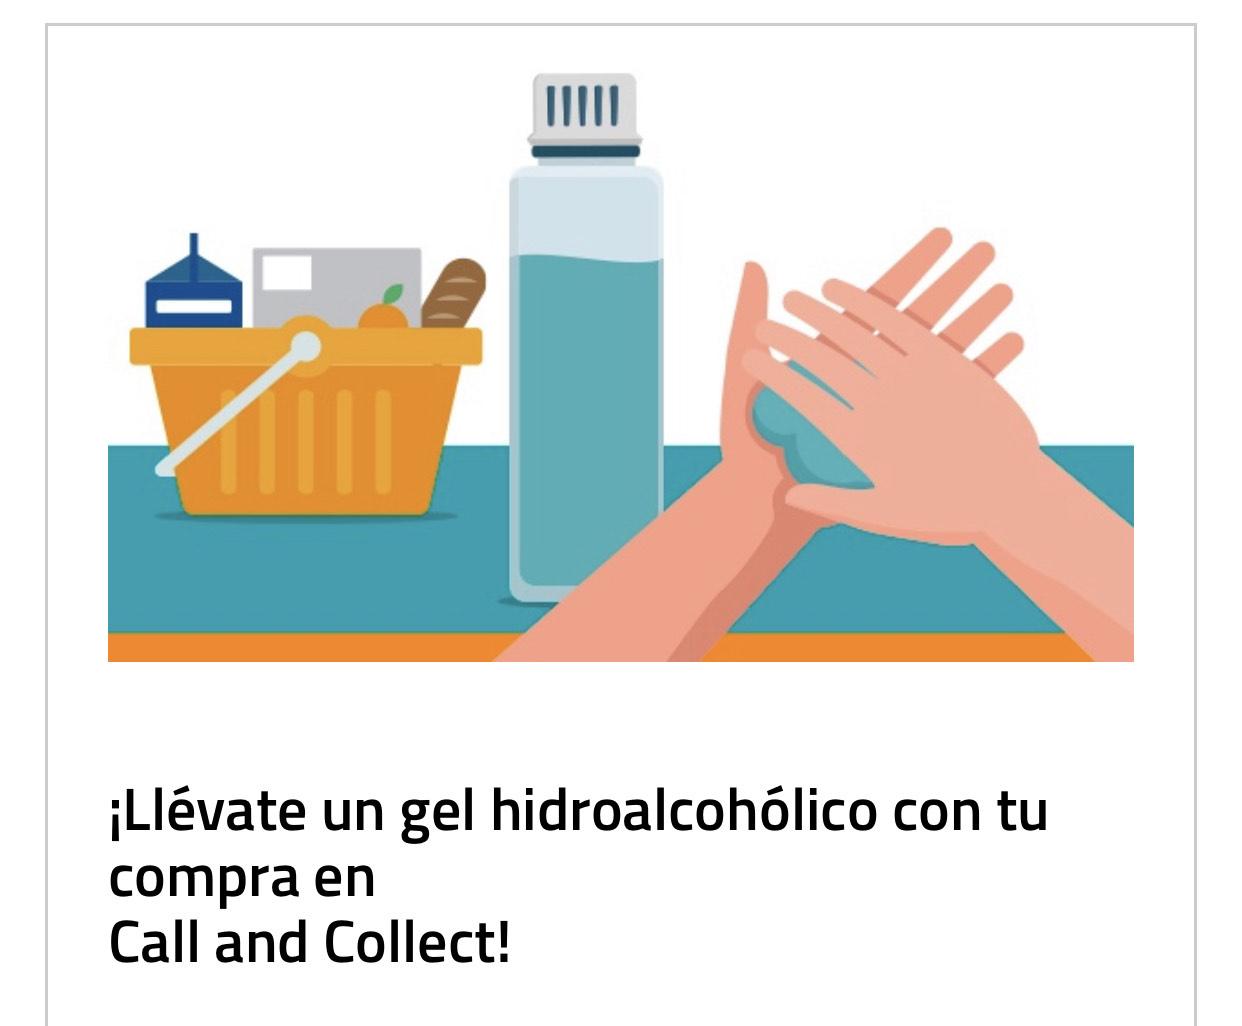 Gel hidroalcohólico gratis en Repsol